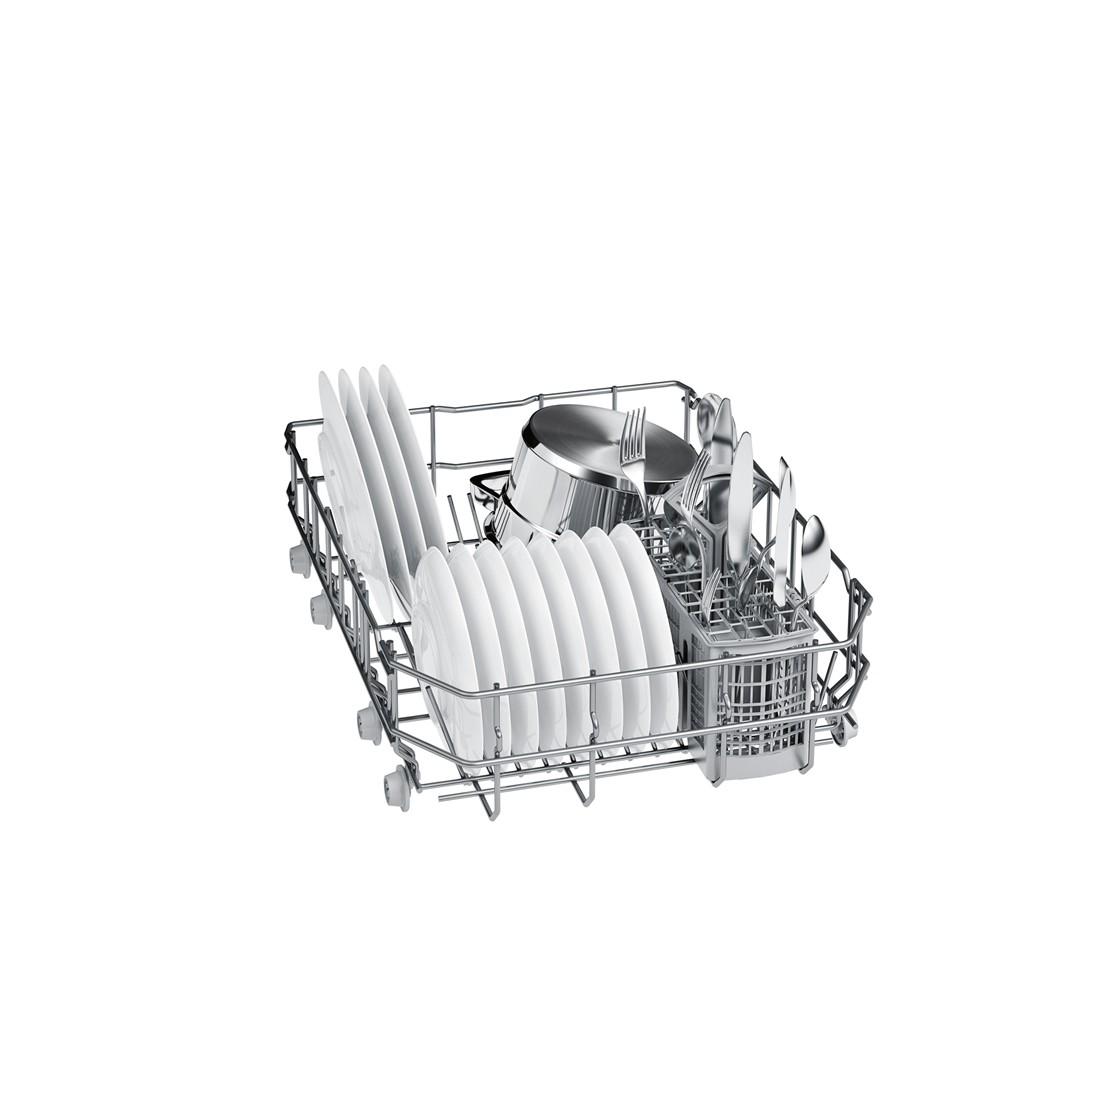 Bosch sps 40e42 ru инструкция